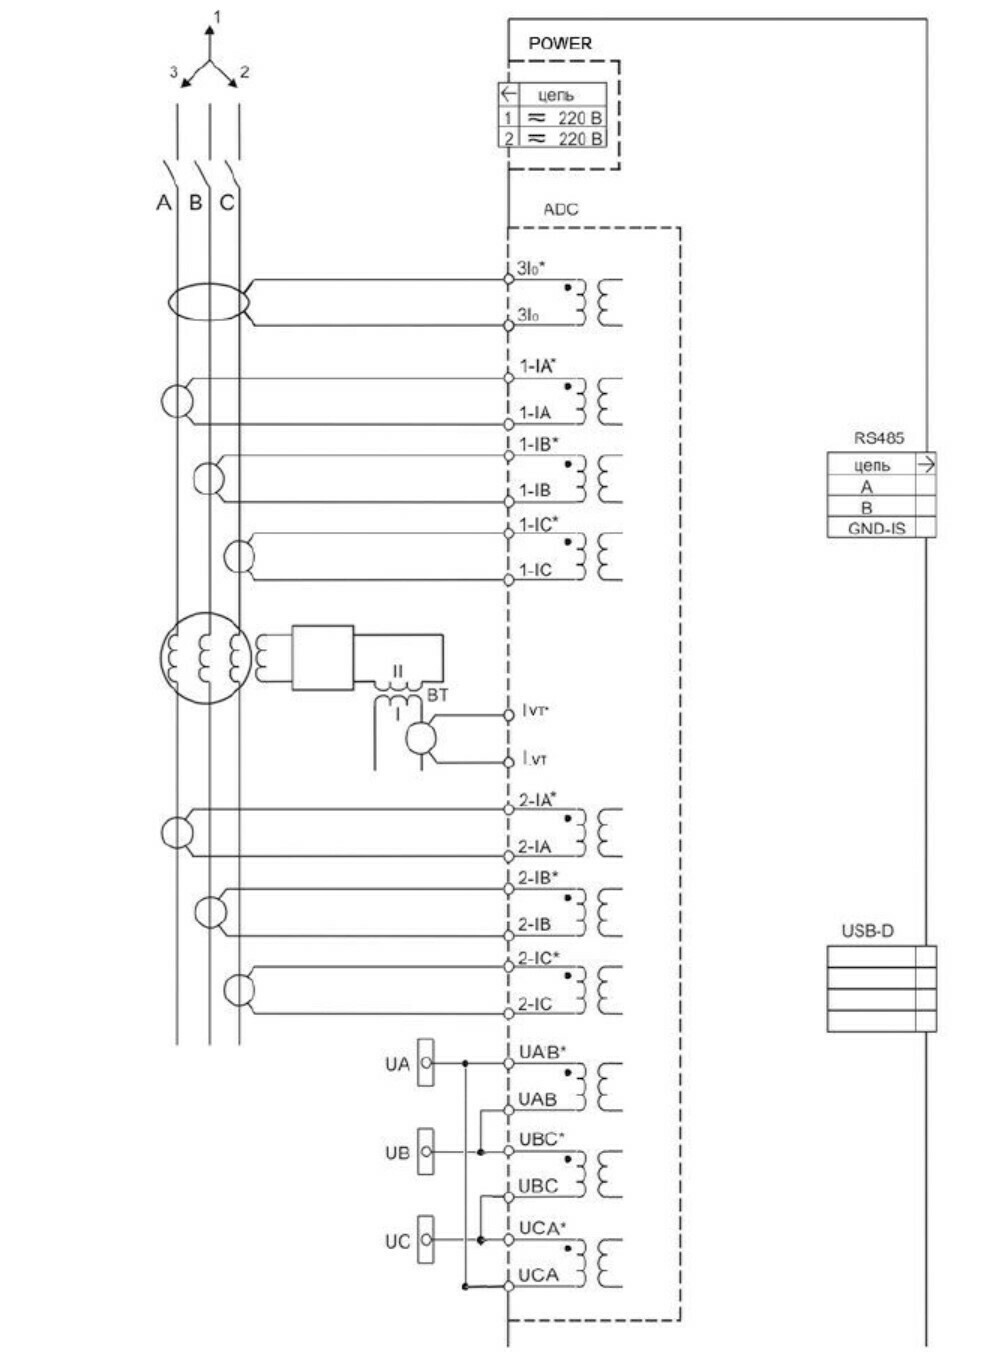 схема підключення MРЗС-05Д AIAP.466452.002 str.1